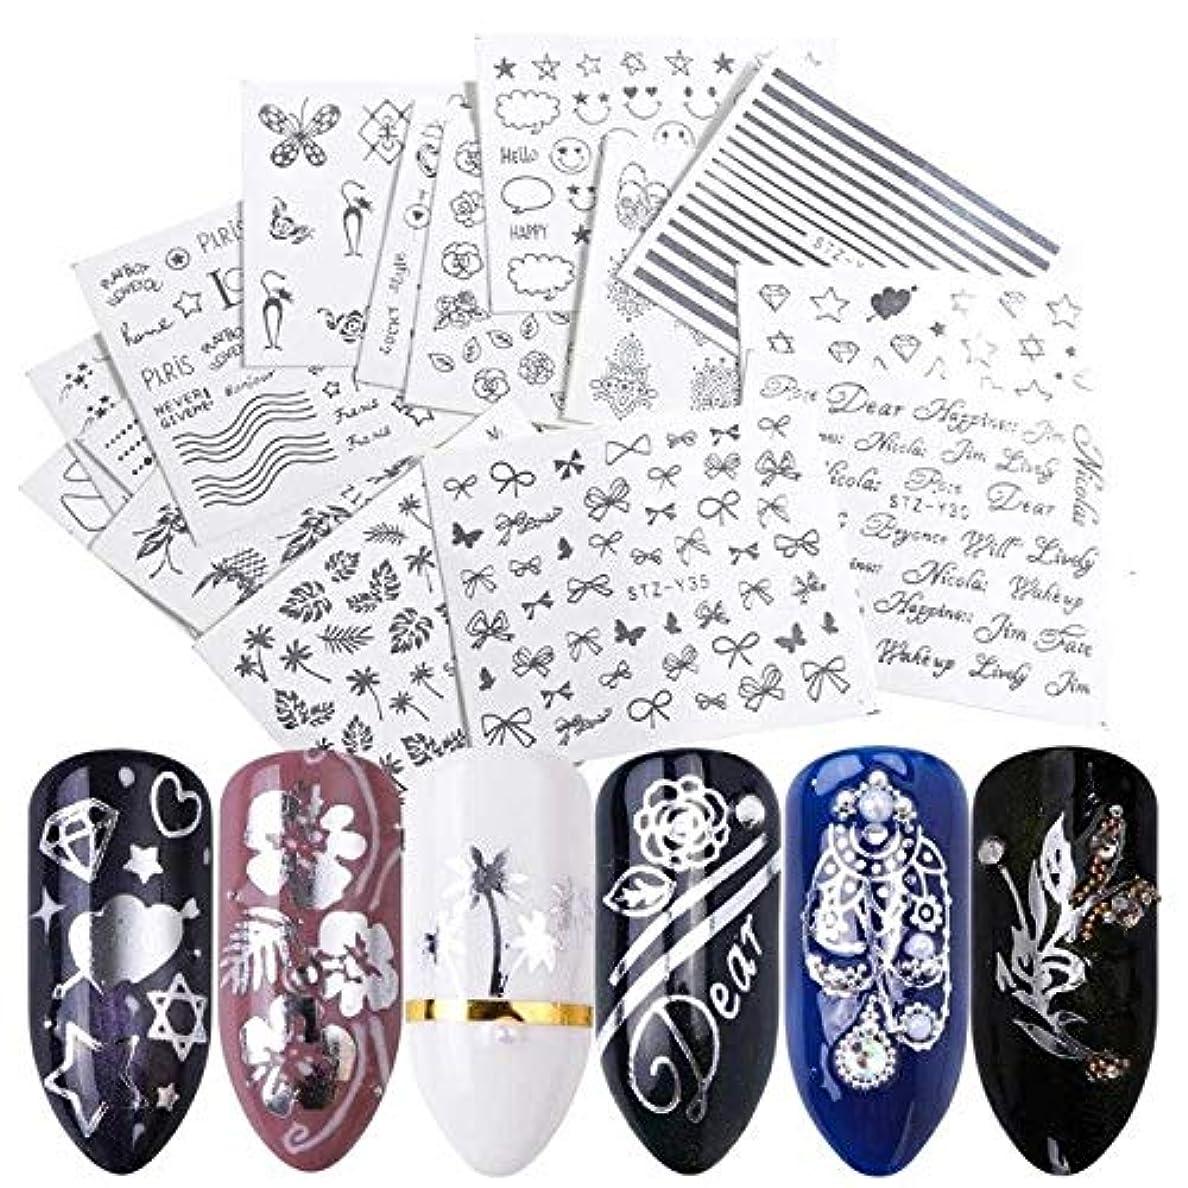 ゆでるホバート半ばSUKTI&XIAO ネイルステッカー 1セットネイルアート水転写デカールステッカー白黒幾何学的な入れ墨ラップマニキュアドリームキャッチャー装飾ヒント